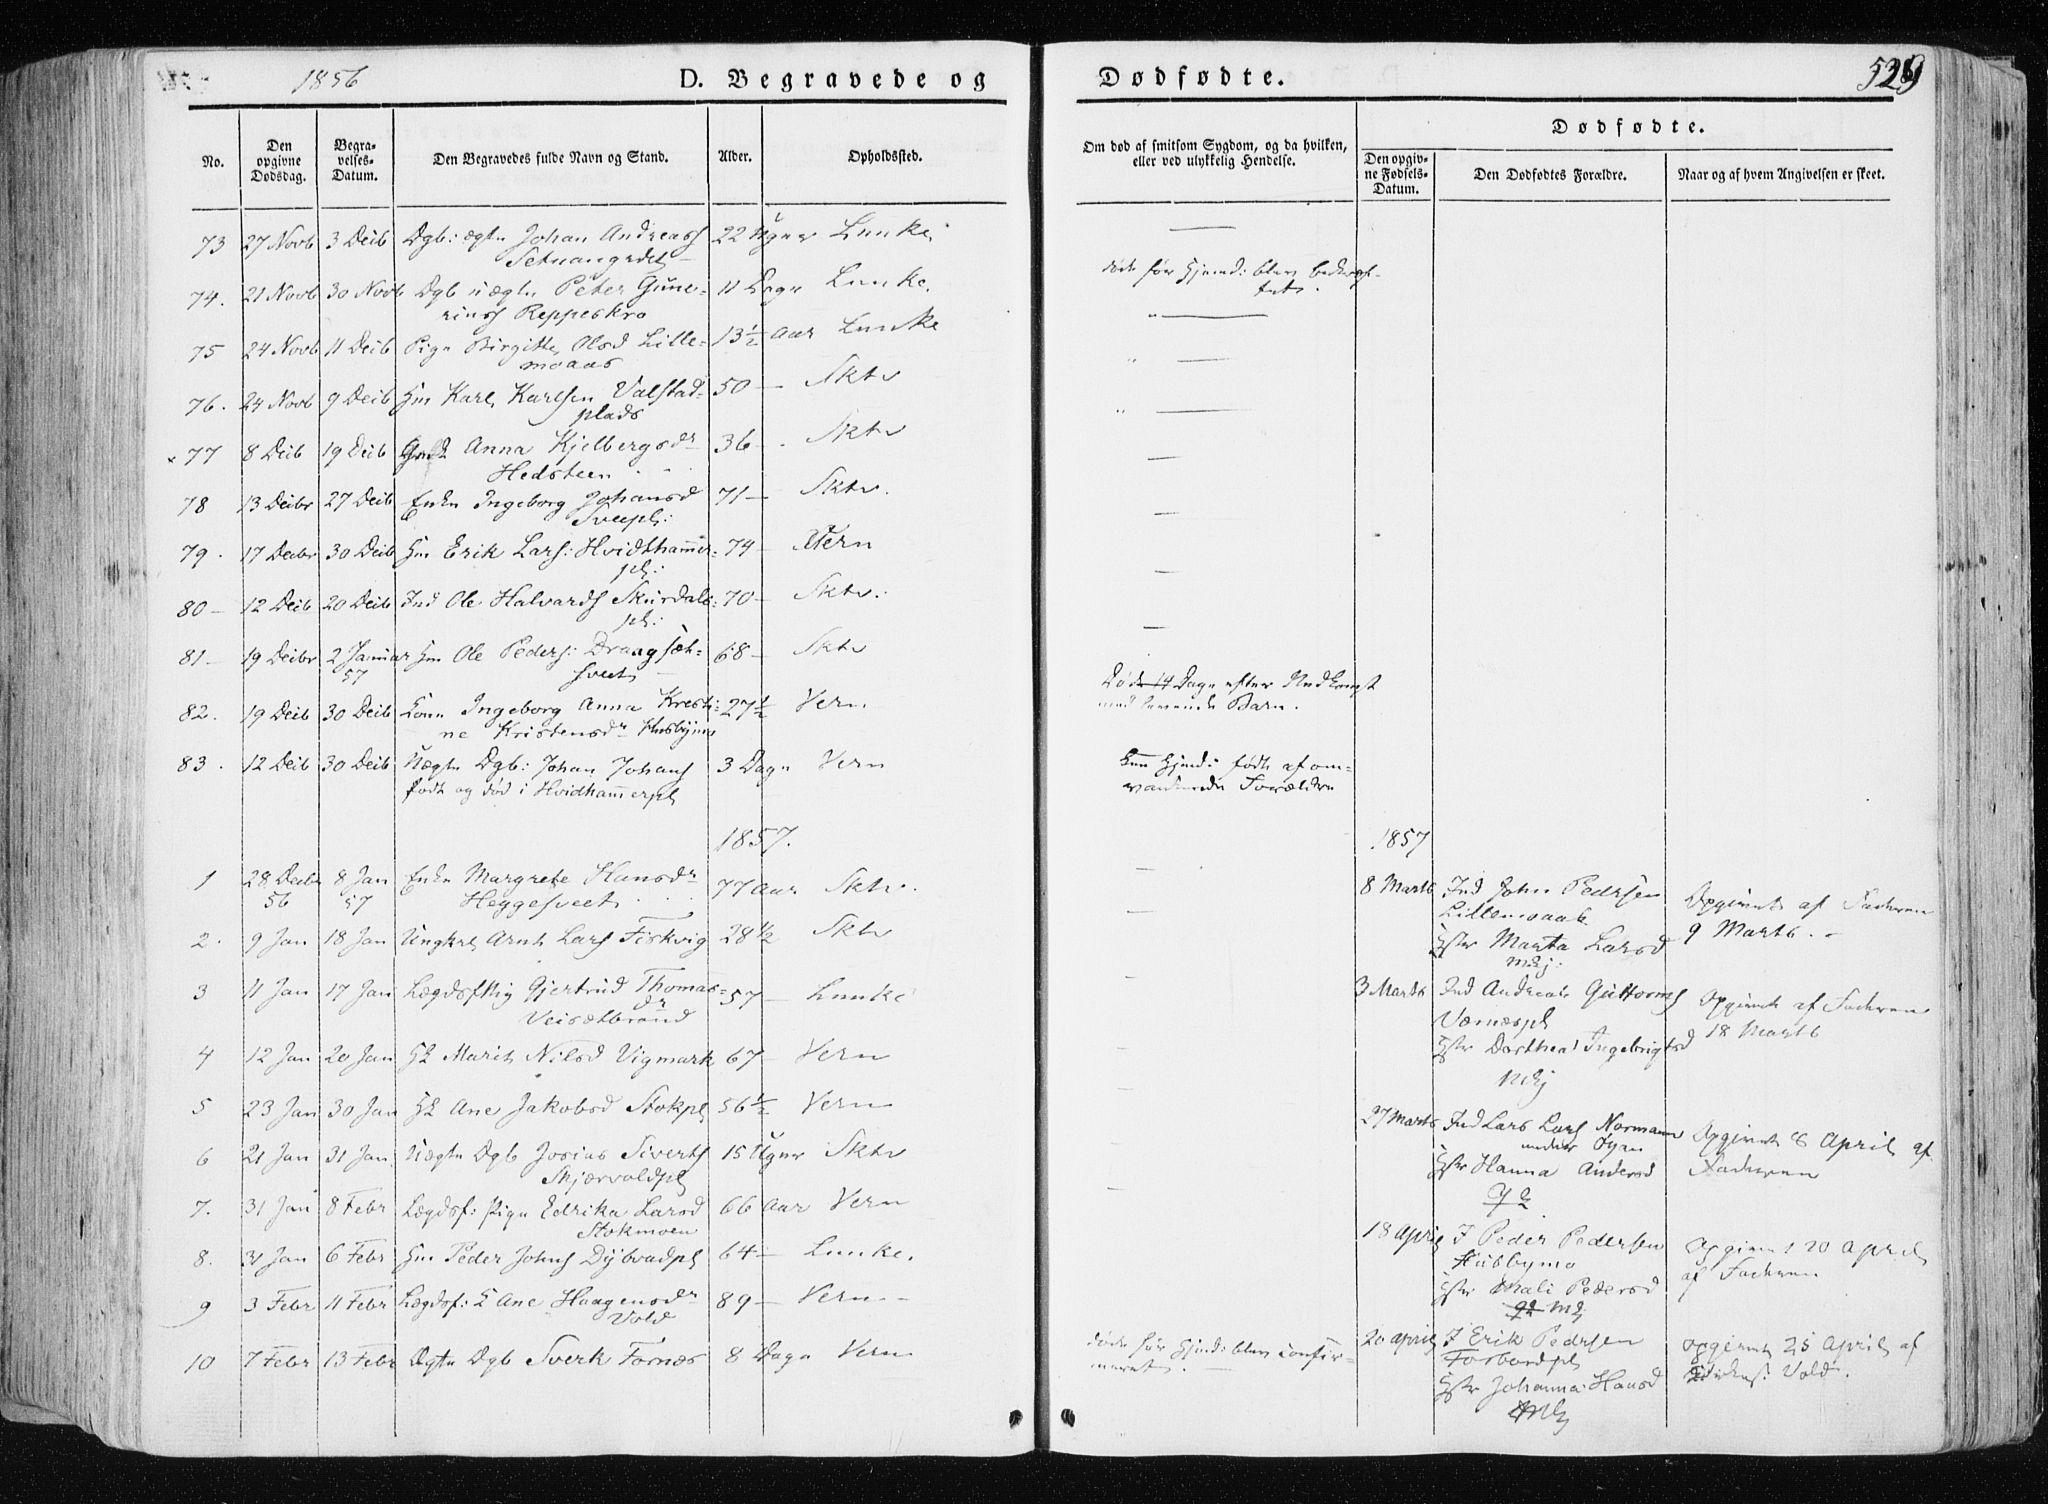 SAT, Ministerialprotokoller, klokkerbøker og fødselsregistre - Nord-Trøndelag, 709/L0074: Ministerialbok nr. 709A14, 1845-1858, s. 529